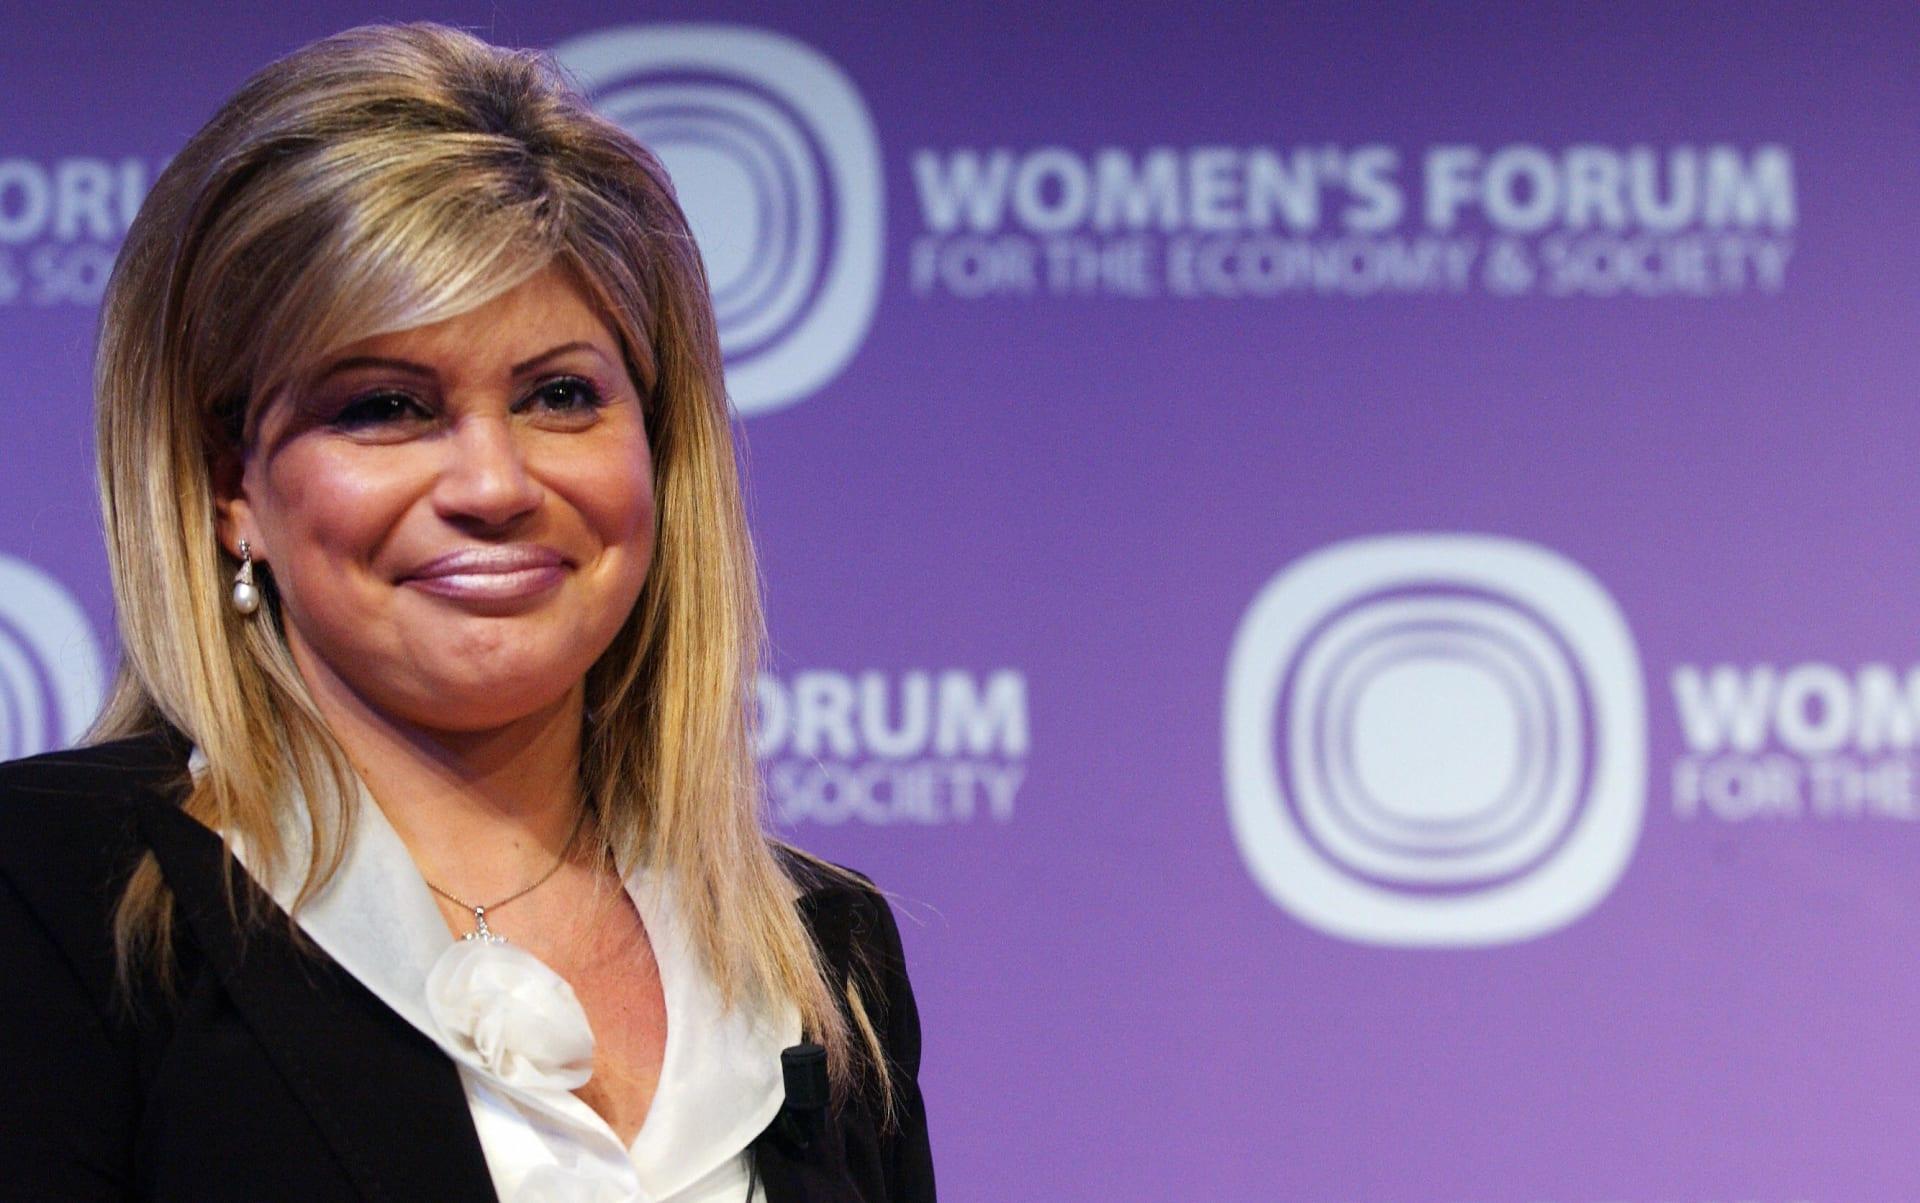 إصابة وزيرة لبنانية سابقة بفيروس كورونا بعد زيارة أجرتها إلى فرنسا